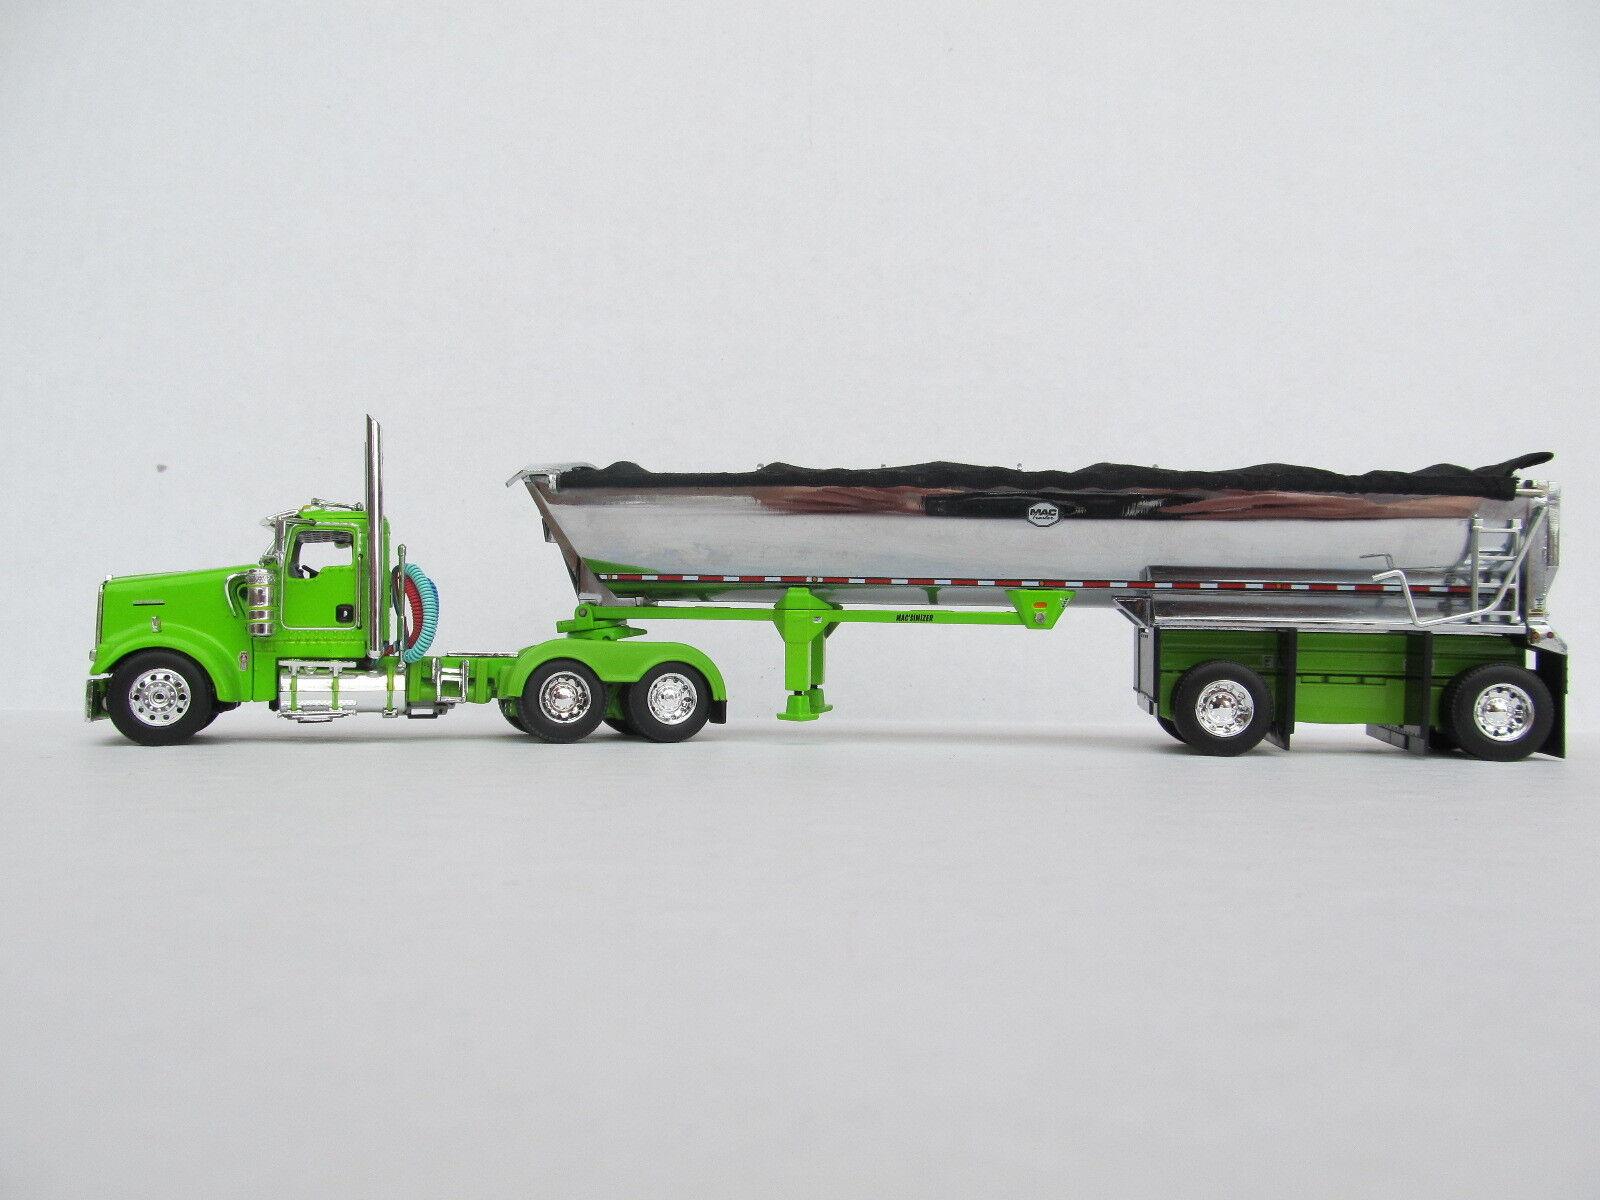 contador genuino Dcp Escala 1 64 W-900 Kenworth cabina cabina cabina de día Lime verde con Mac Ronda propagación Eje  saludable